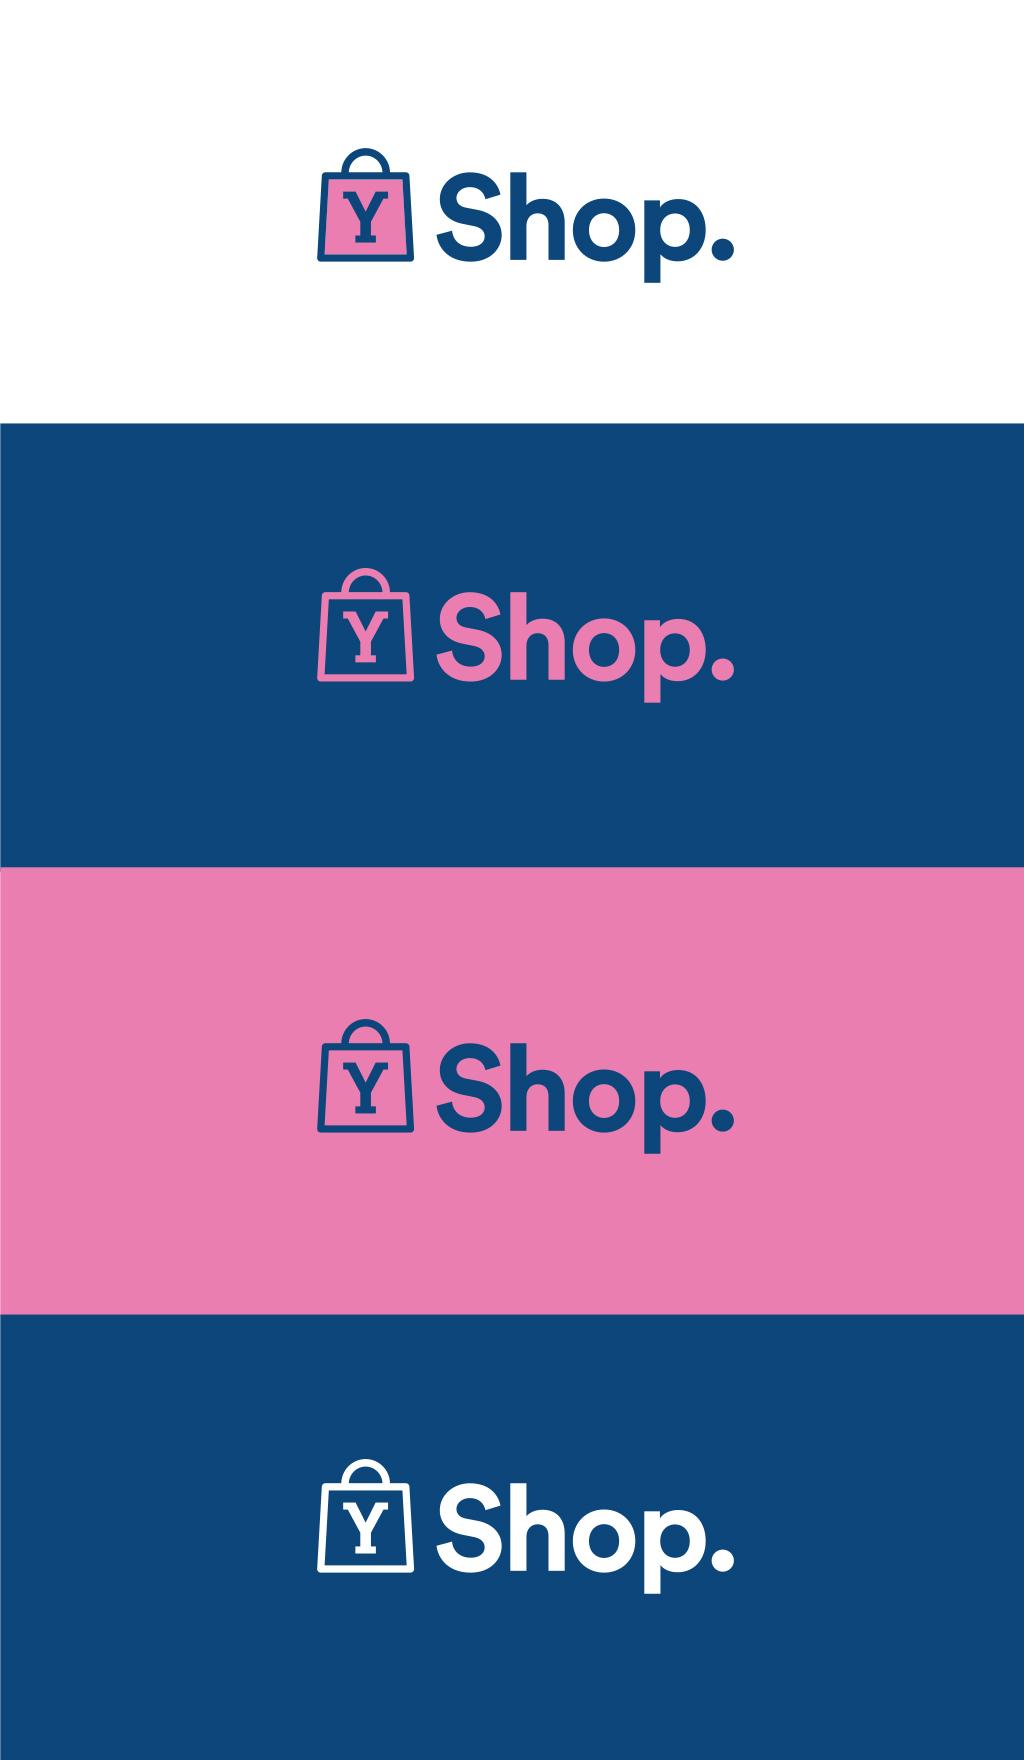 Y Shop 1024x1760